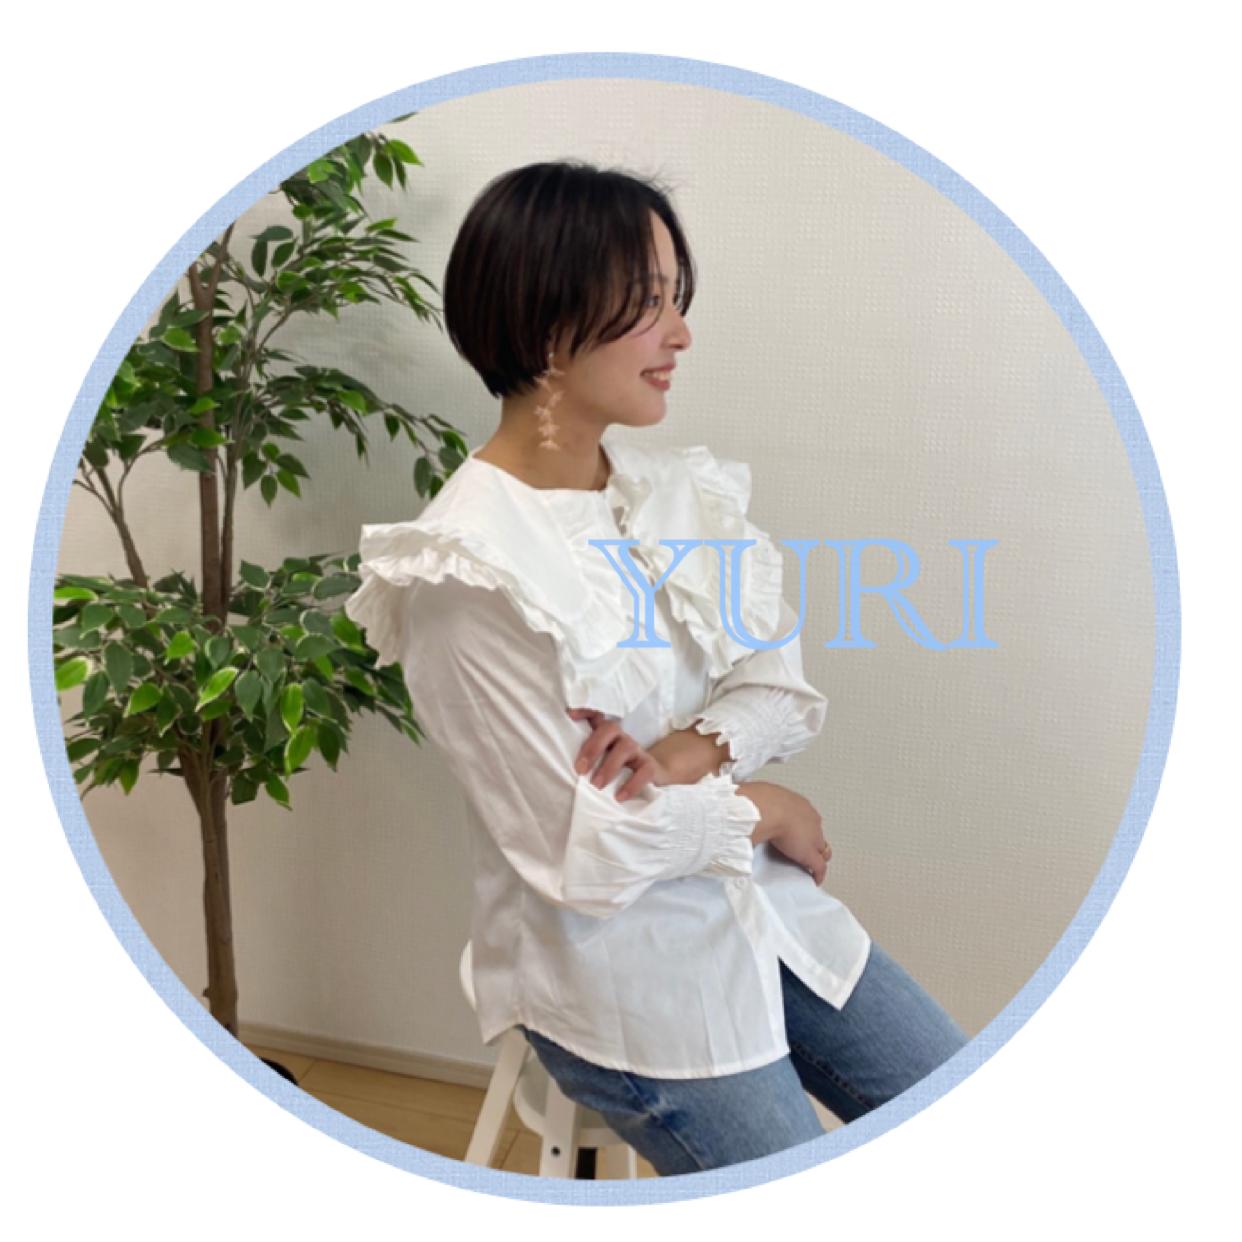 ゆり / 女性のプロフィール画像